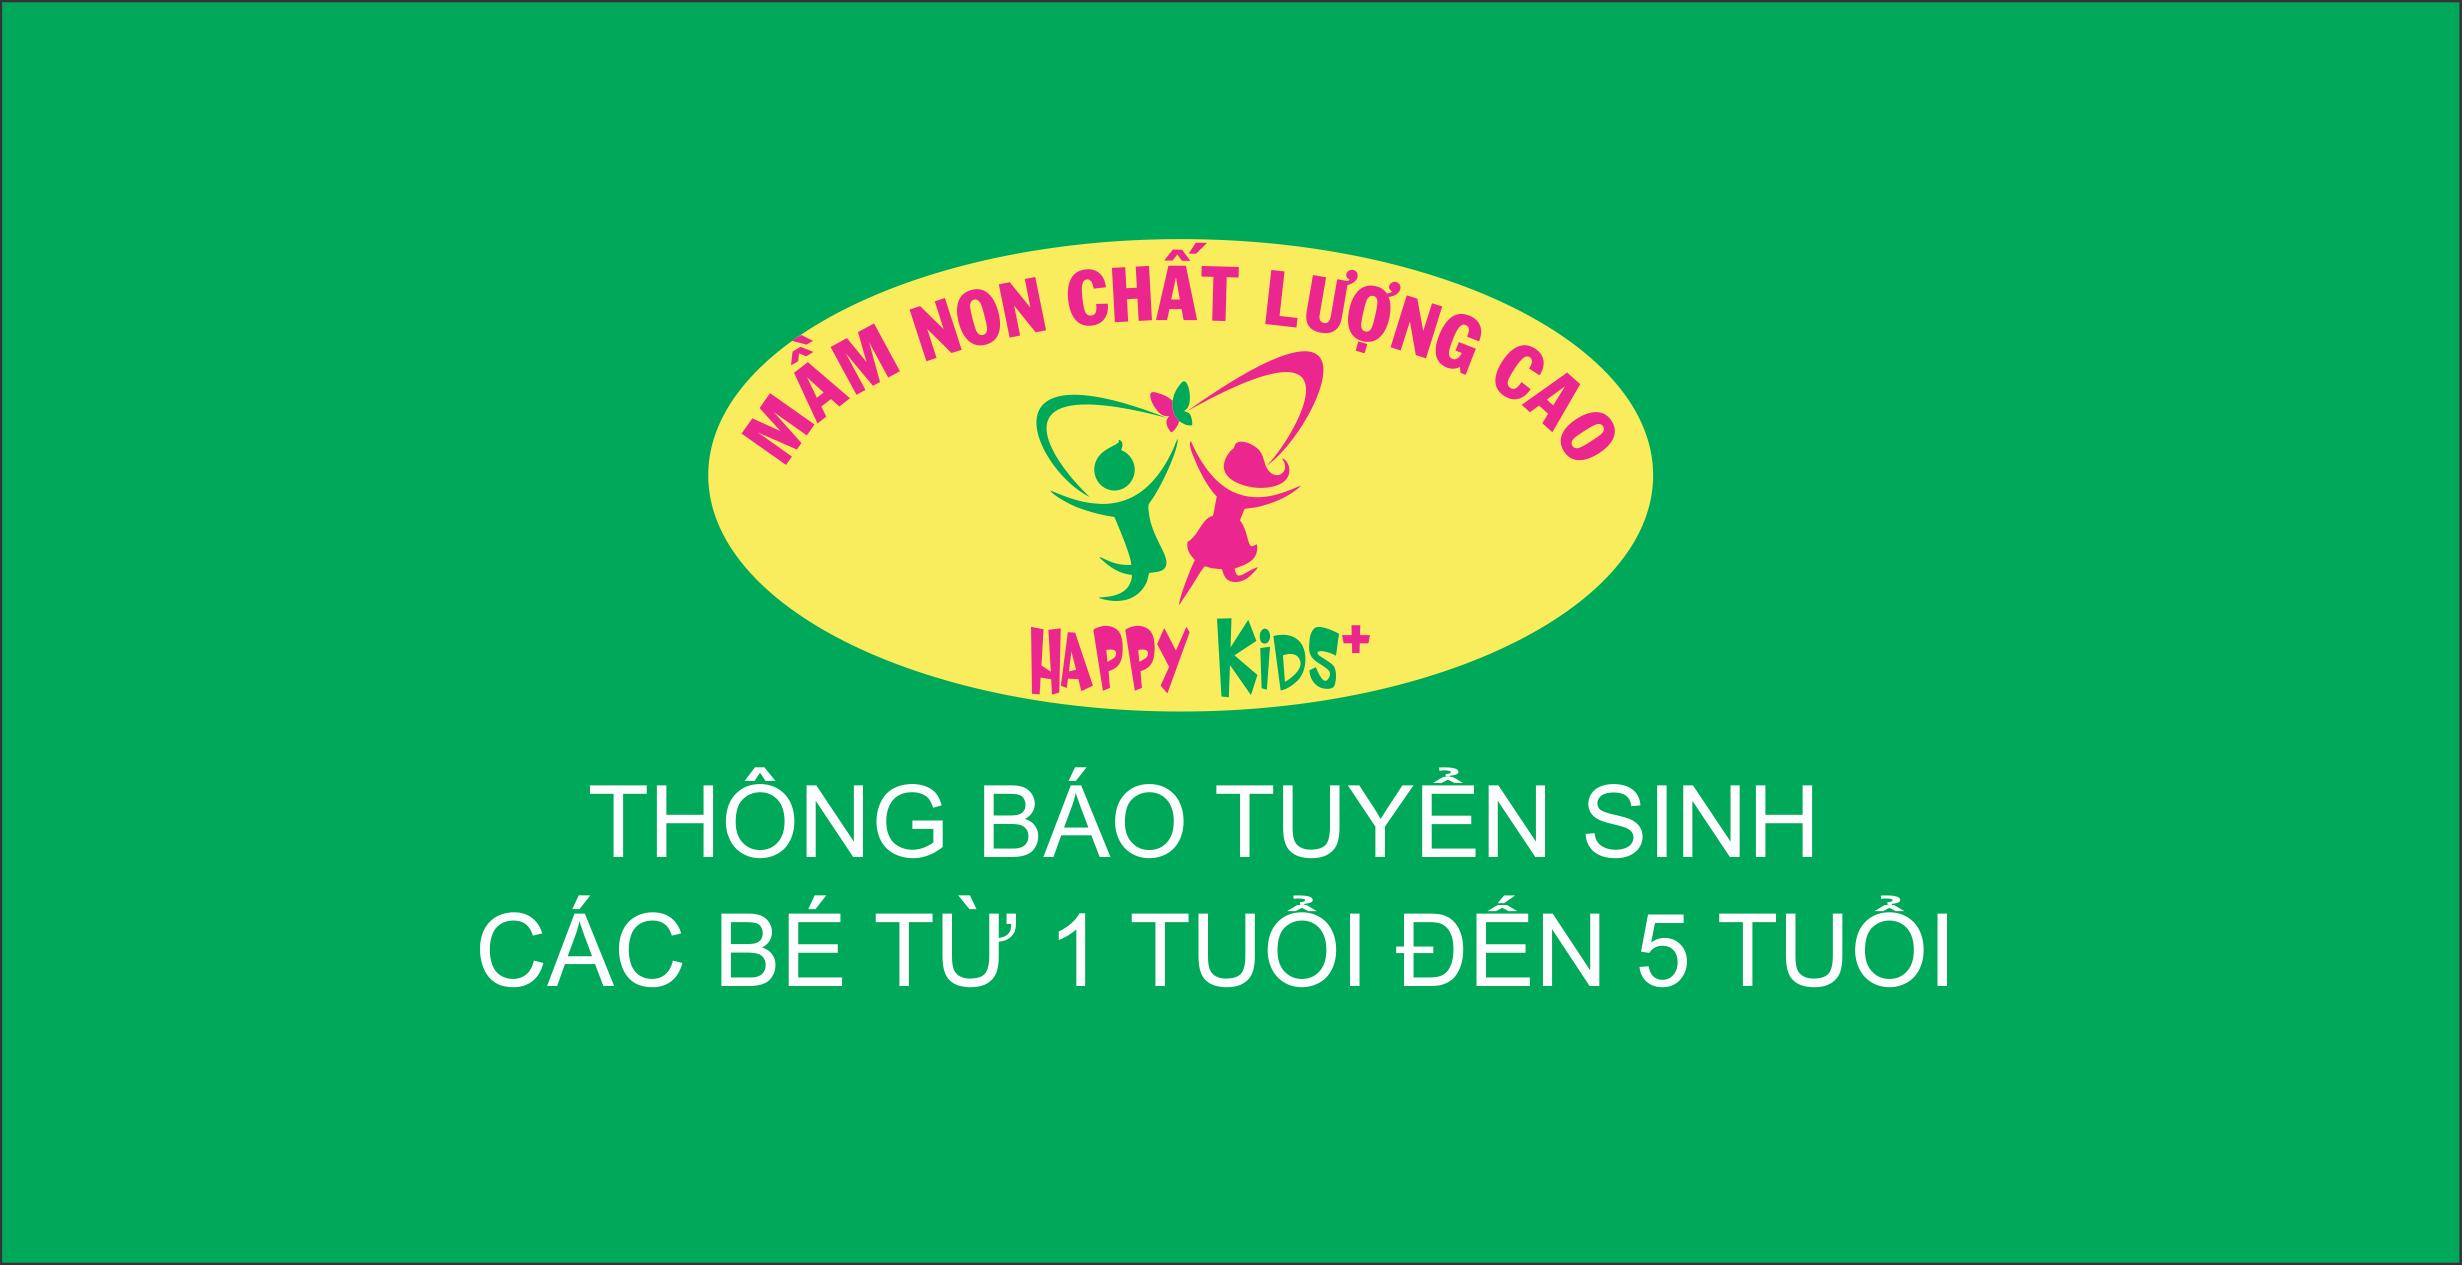 Happy kids plus ƯU ĐÃI TƯNG BỪNG – MỪNG NĂM HỌC MỚI